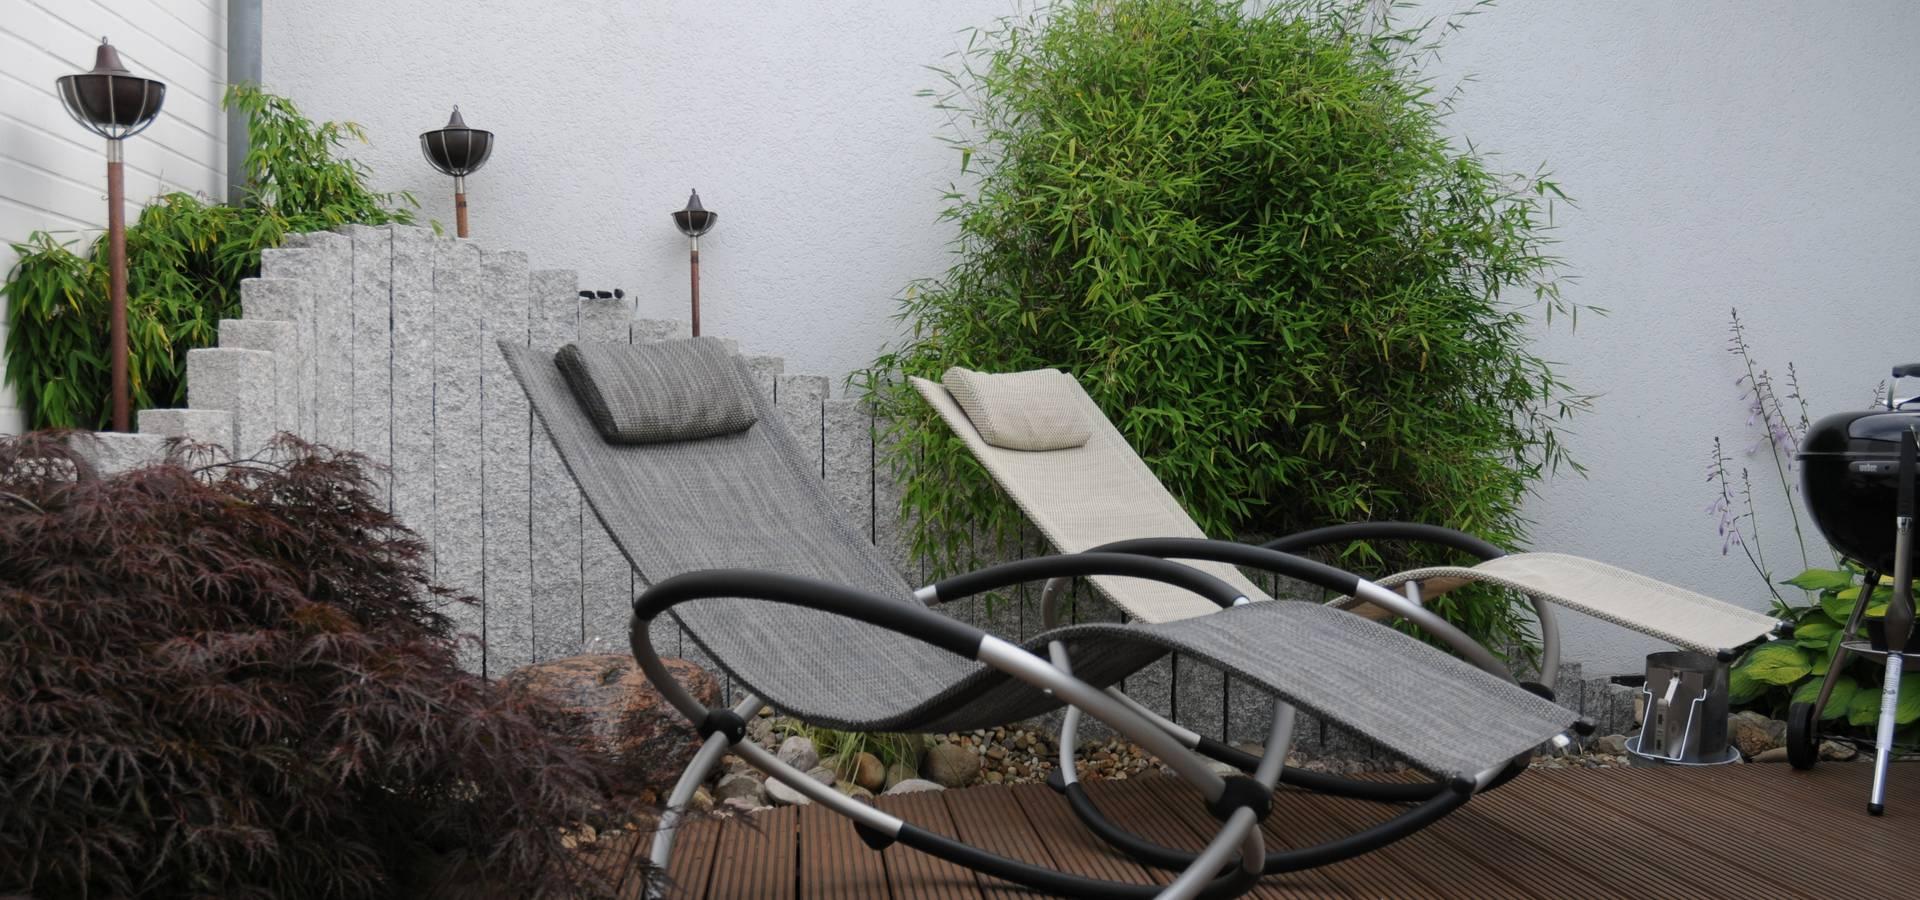 Warnke   Exklusives Gartendesign: Diseñadores Paisajistas .